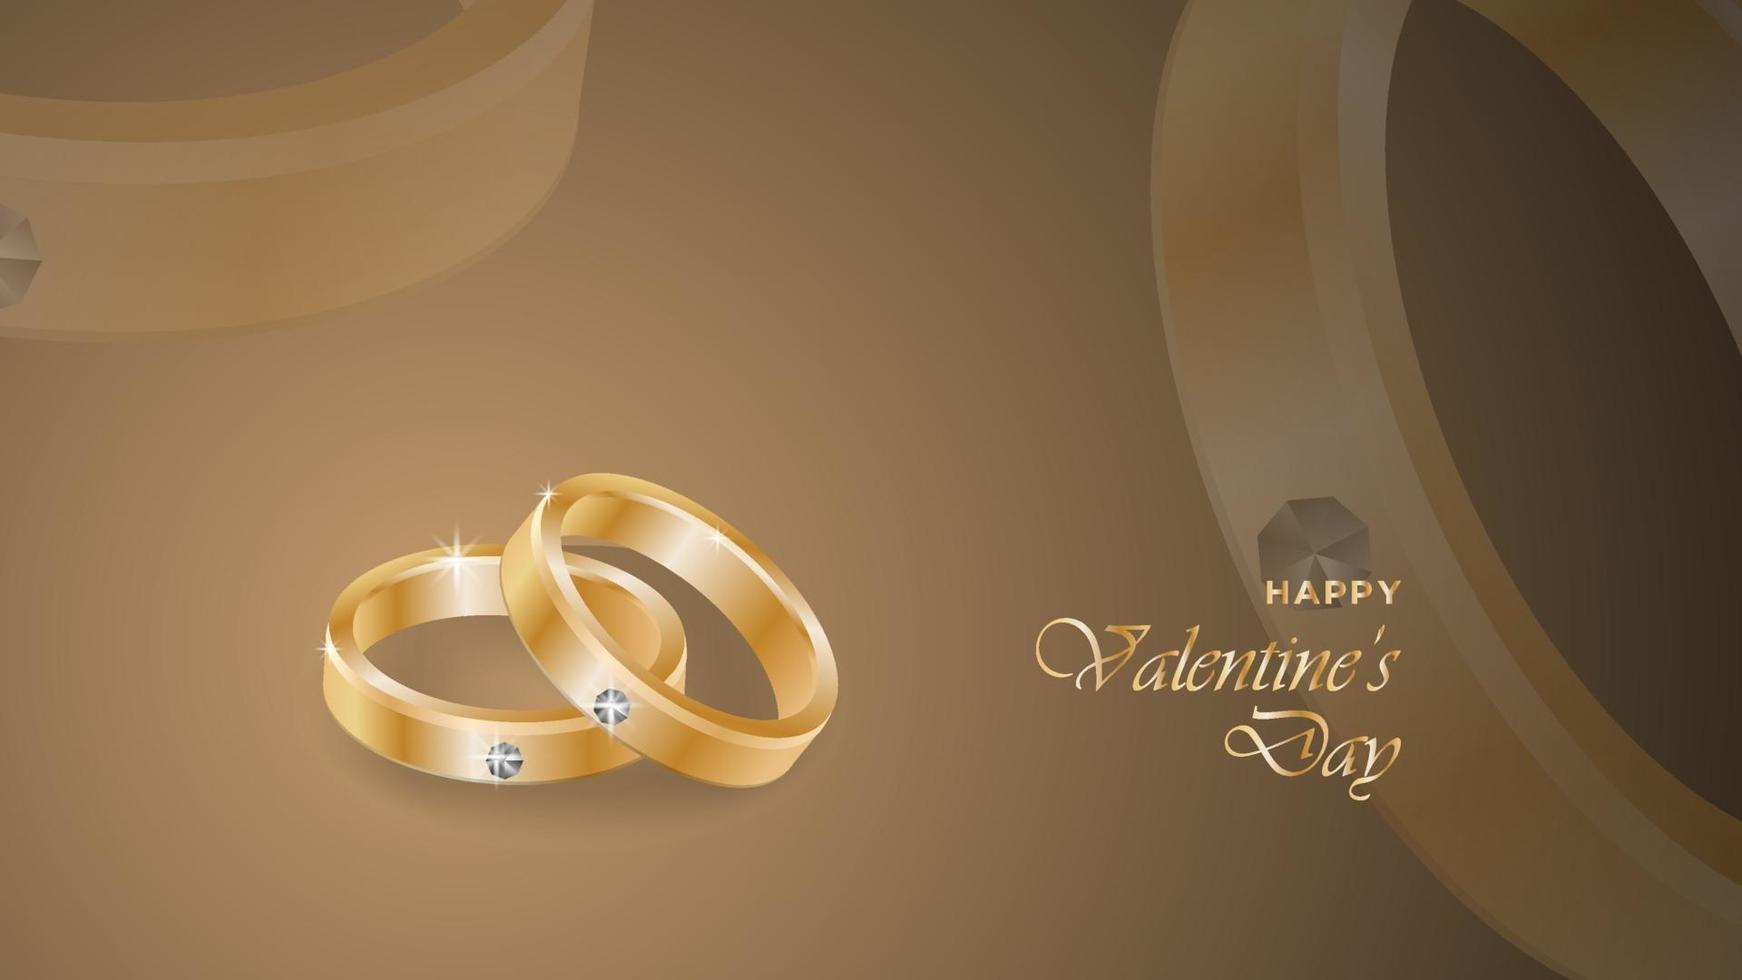 Fondo de feliz día de San Valentín con objetos de diseño de anillo realistas vector